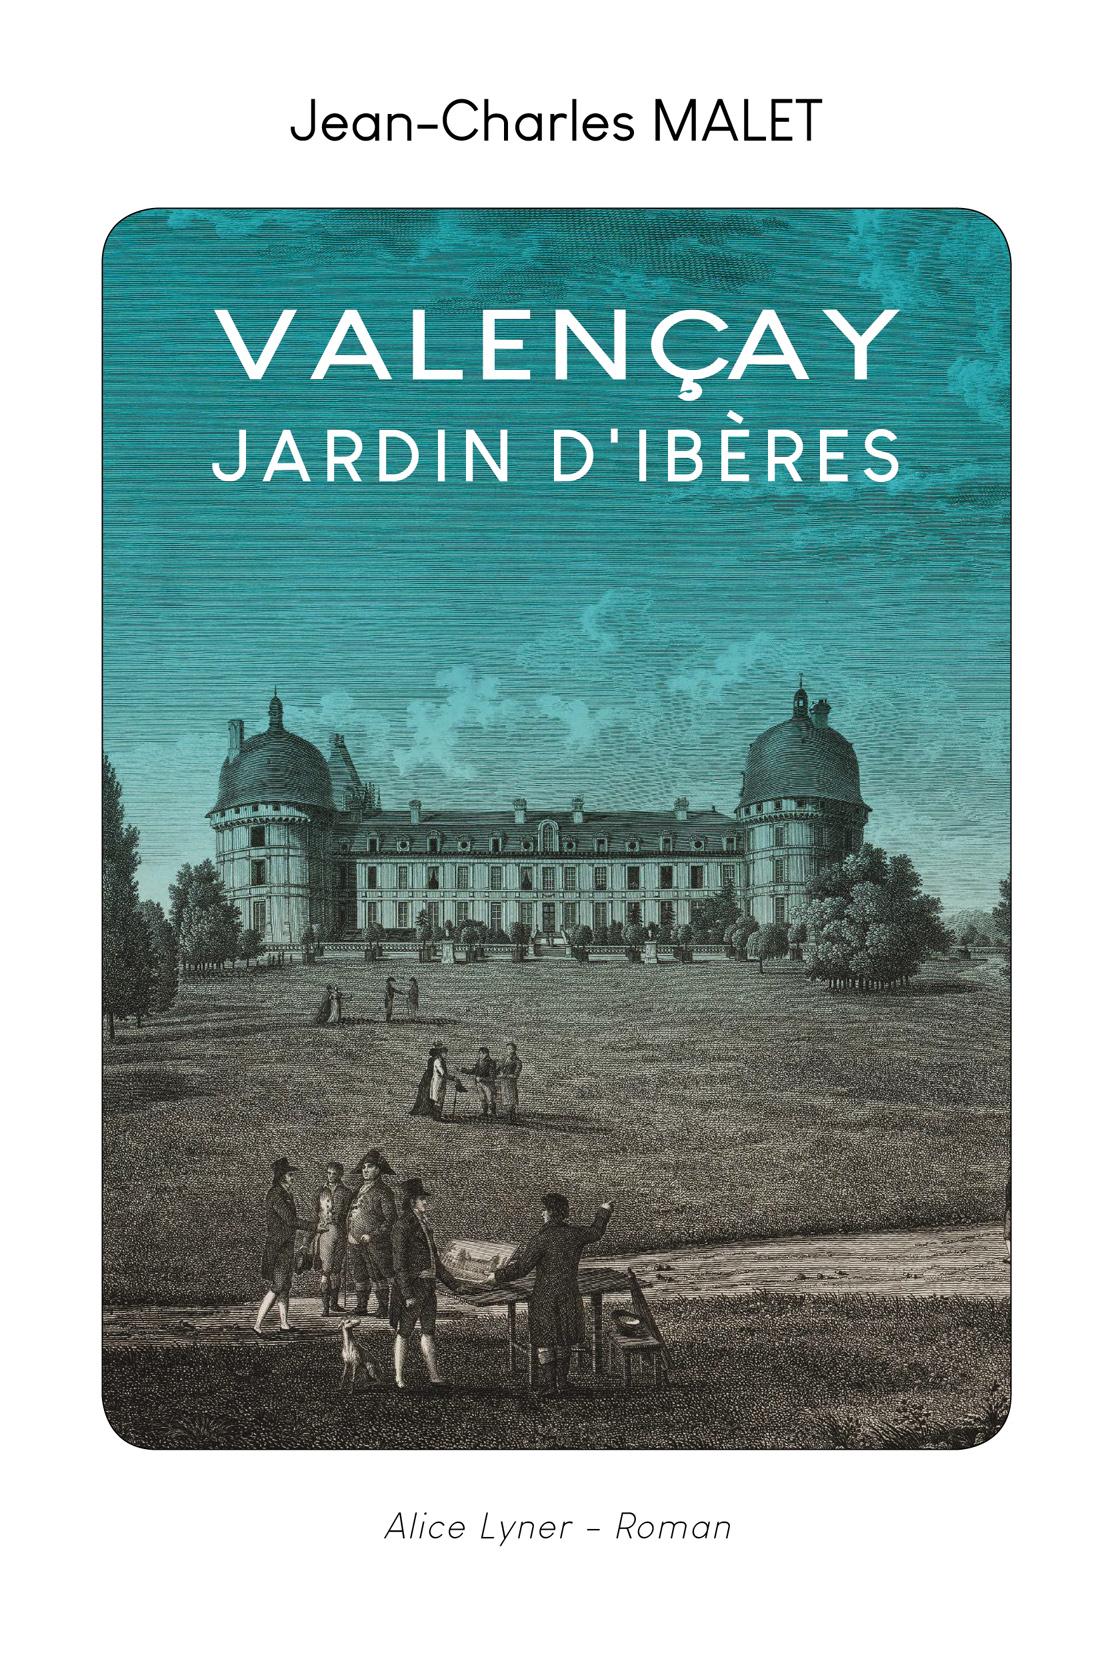 Valençay, jardin d'ibères